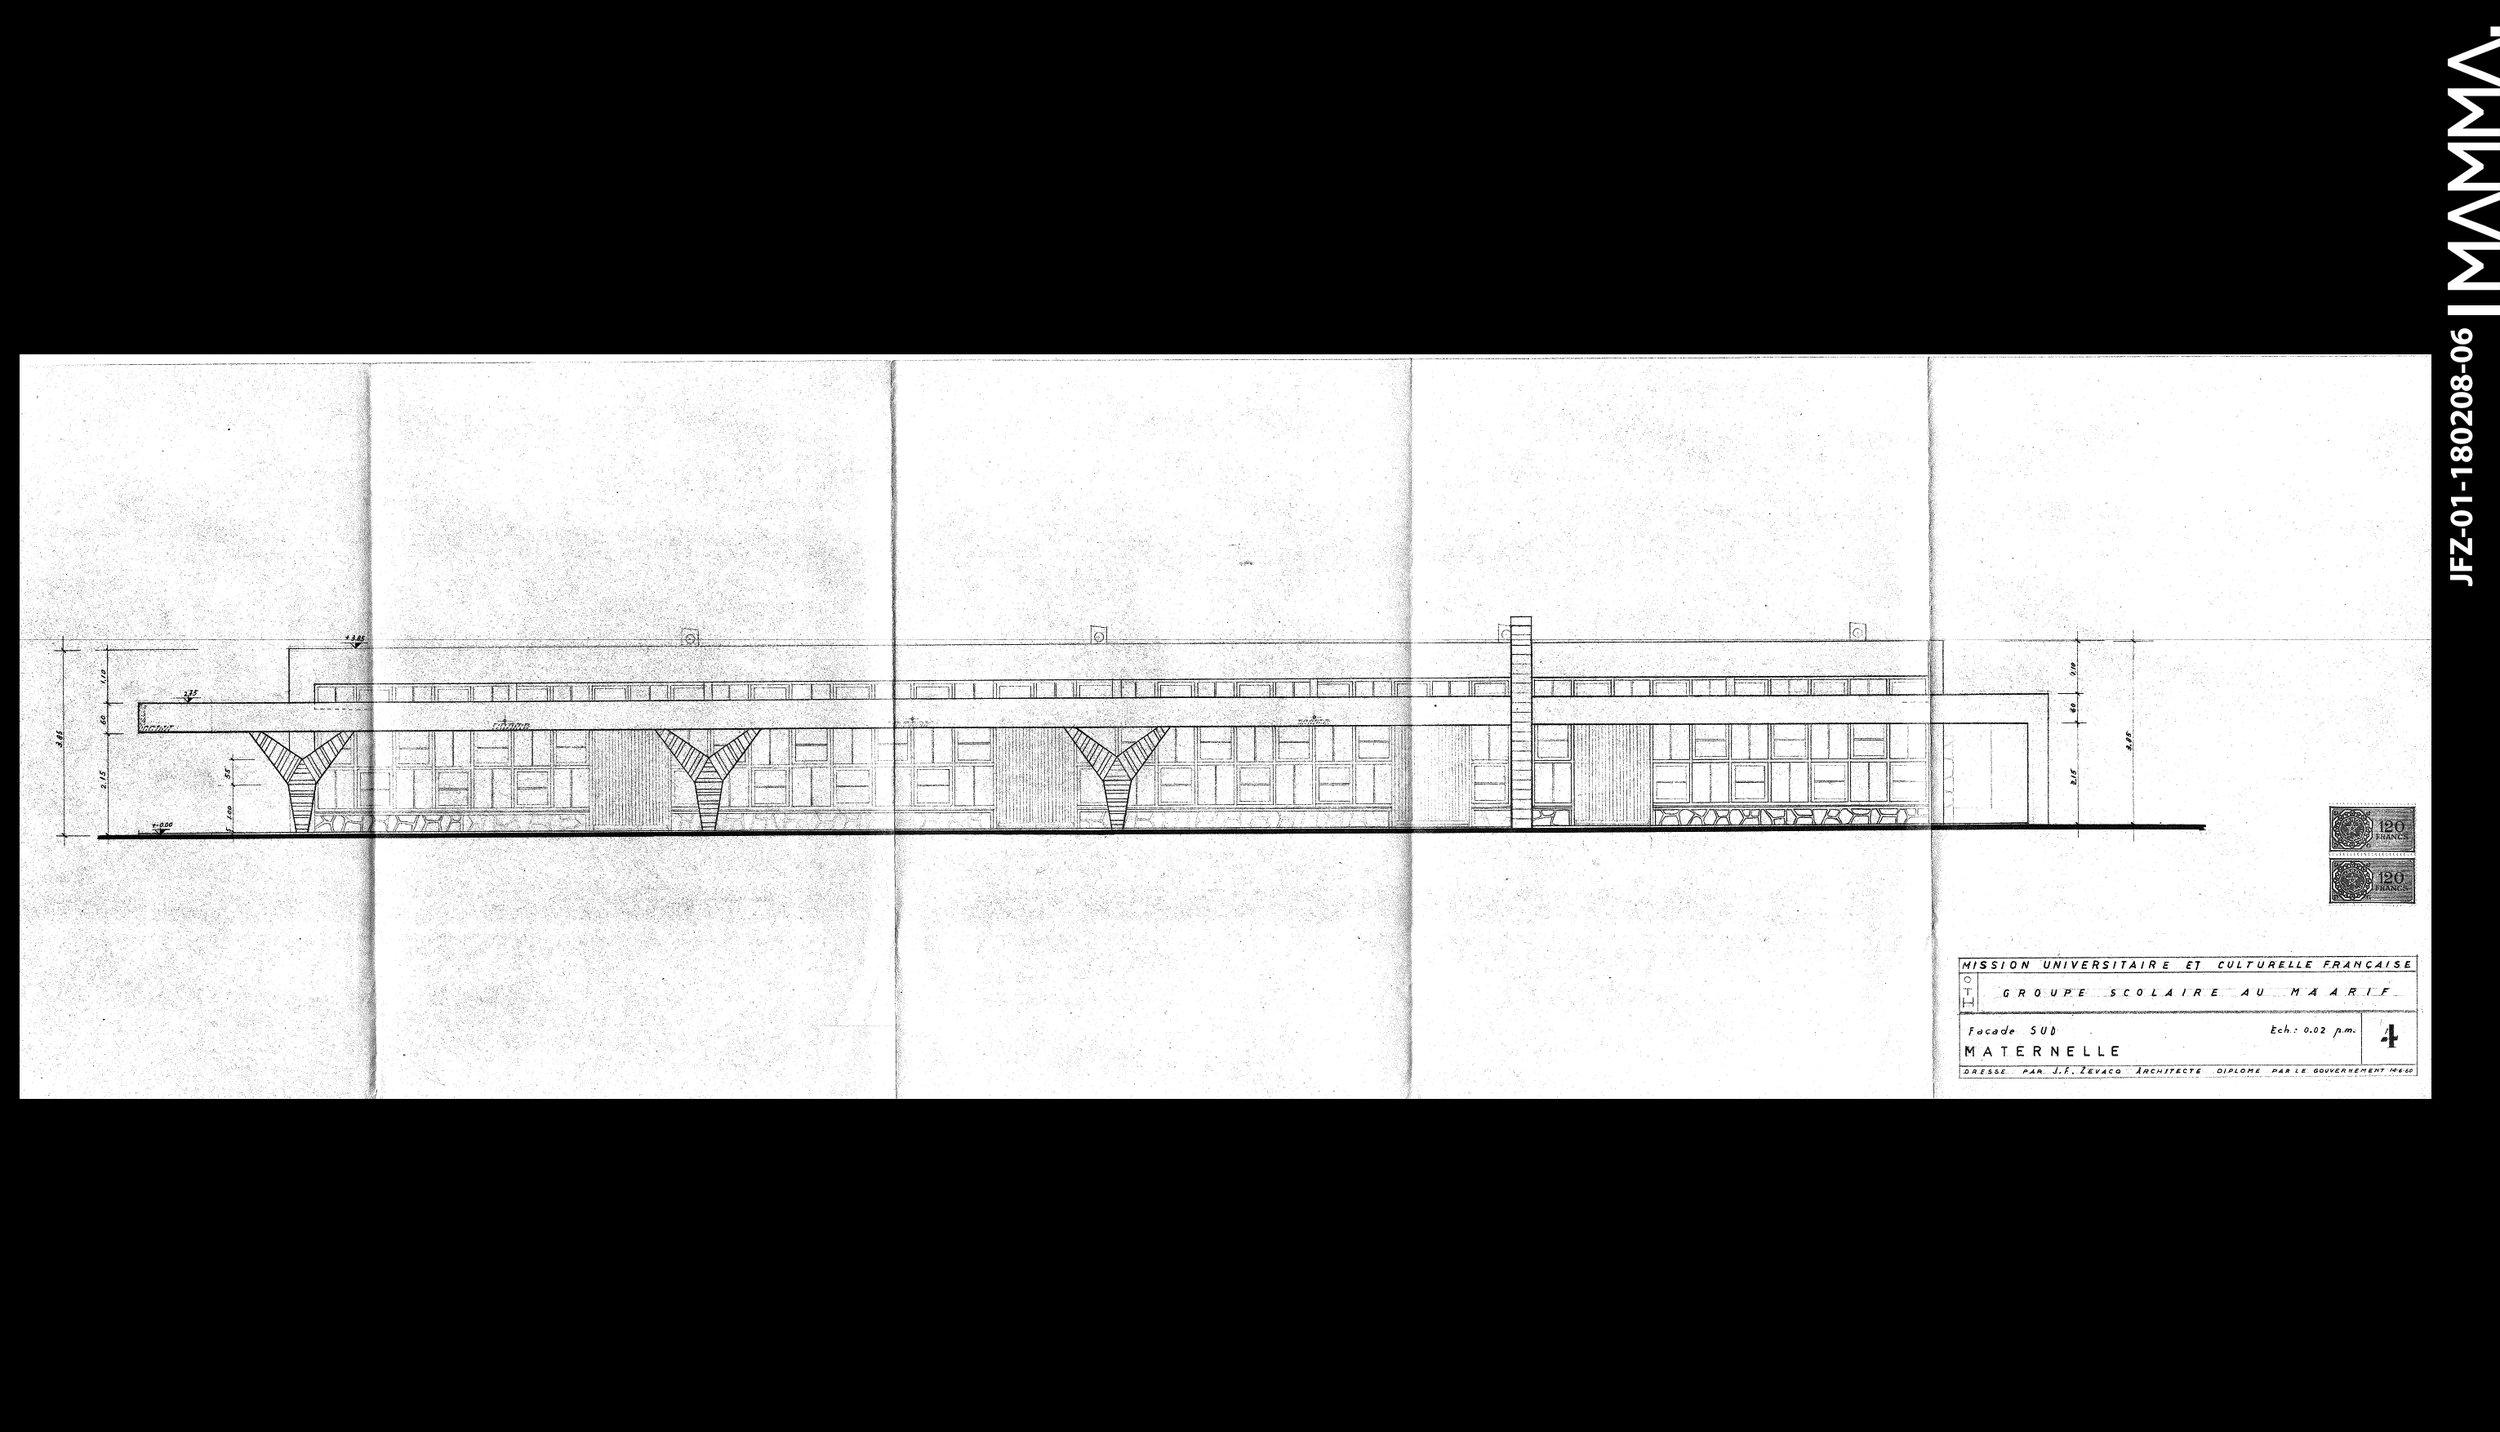 1960-Groupe Scolaire au Maarif (Ecole Théophile Gauthier)   Agence: Jean François Zevaco  Contenu: Façade Sud - Maternelle  Dimensions: 103,5 x 31 cm  © MAMMAARCHIVE   Réf:  MAMMA-JFZ-01-180208-06